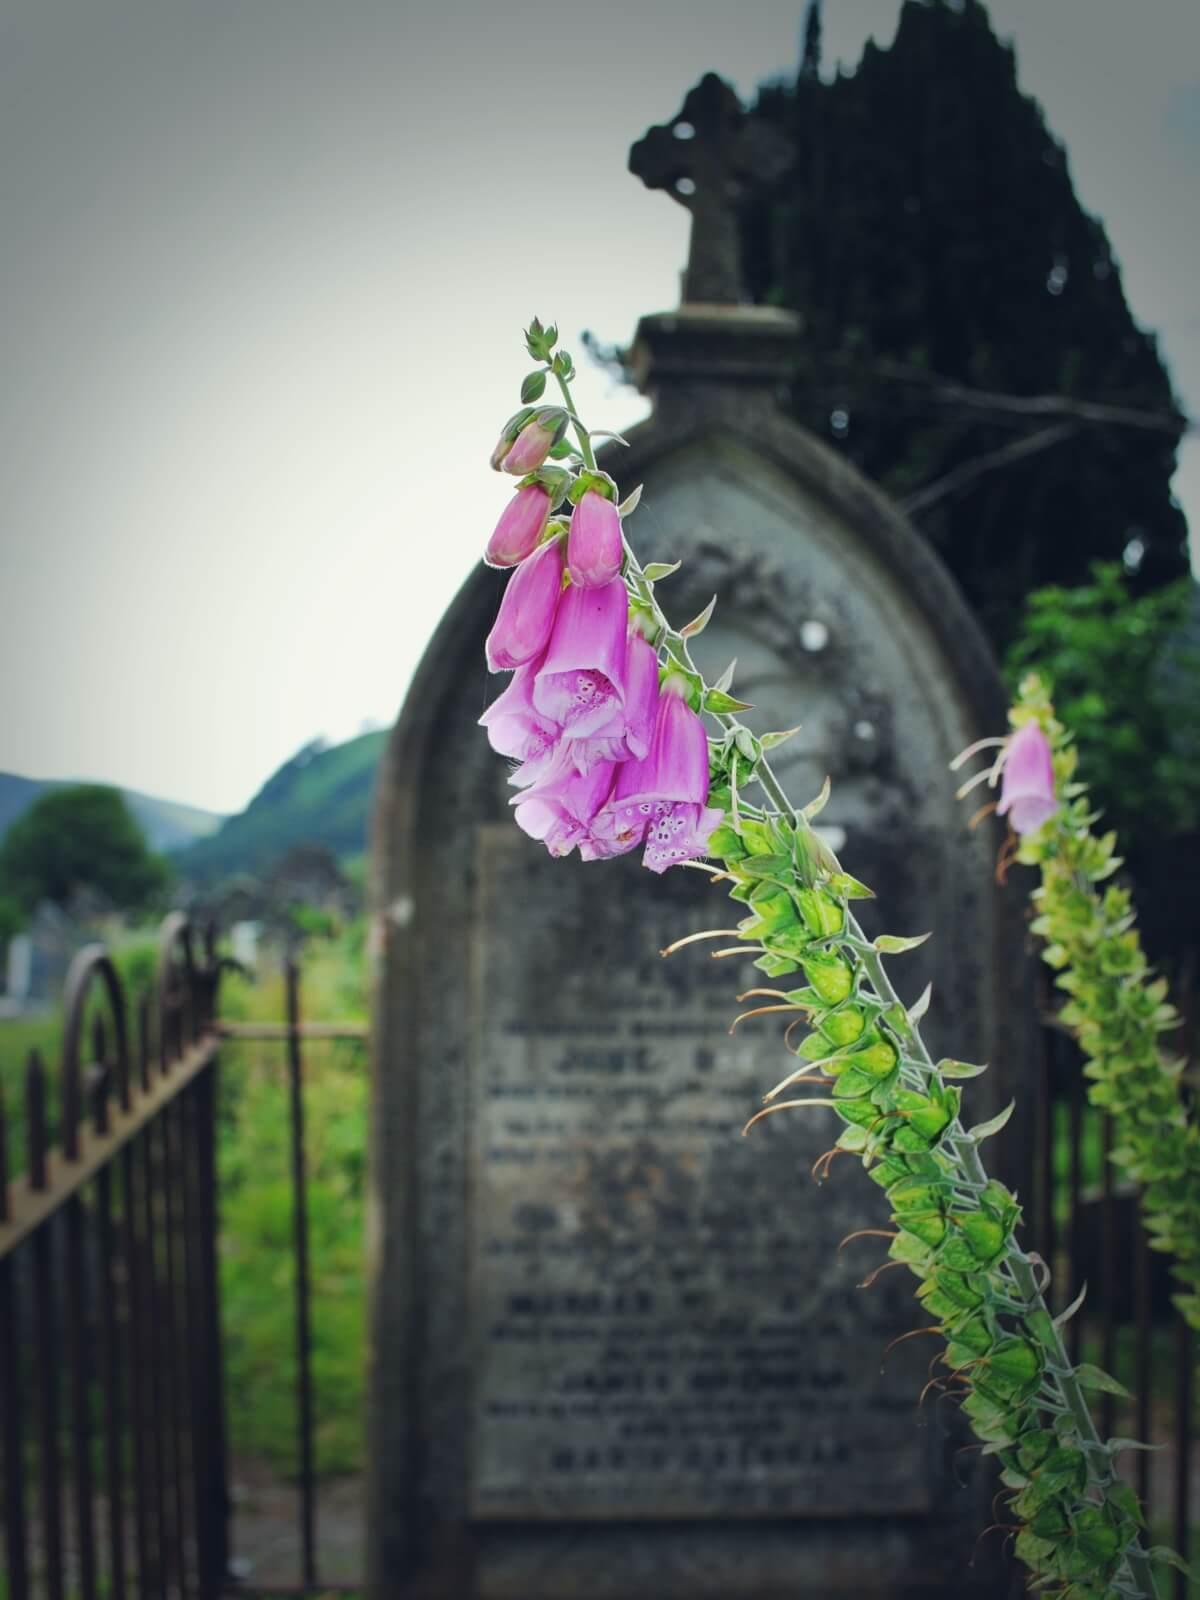 Celtycki cmentarz. Nagrobek na celtyckim cmentarzu w Wicklow.